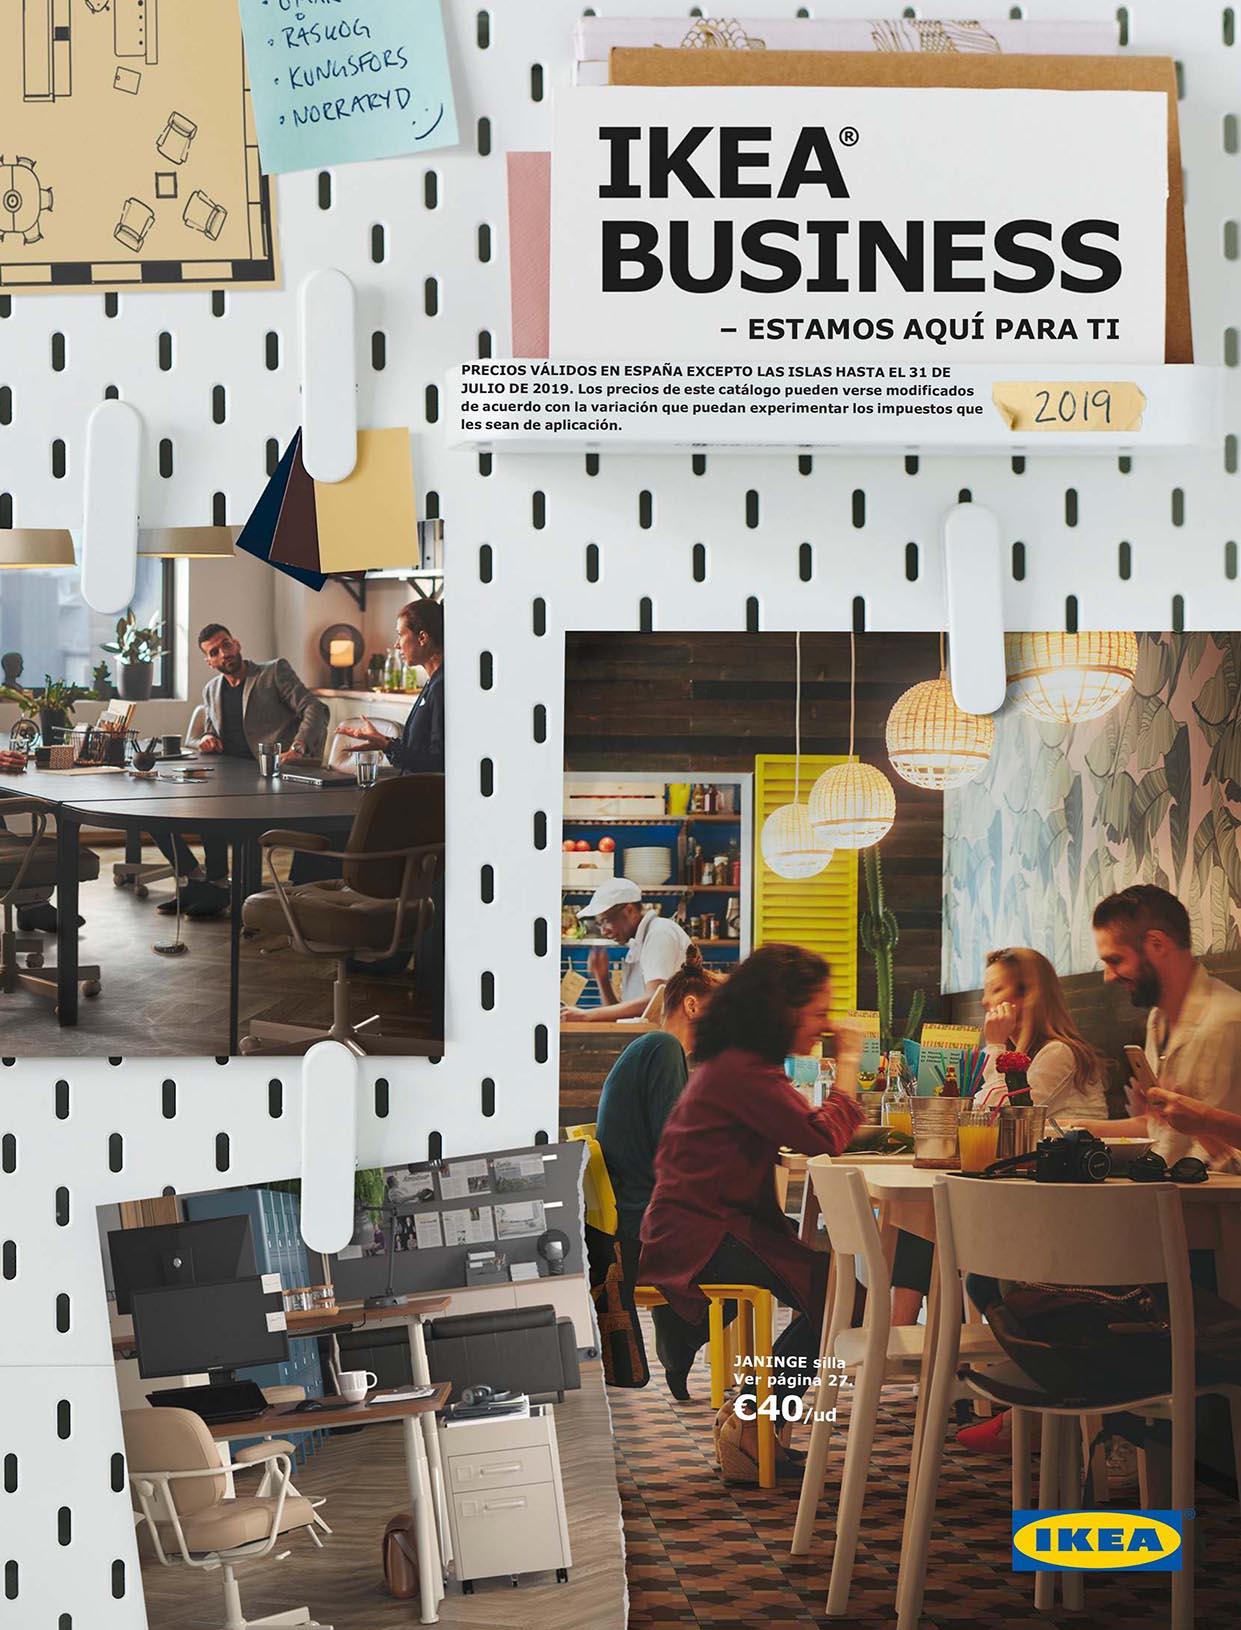 Ver Sillas De Ikea.Catalogs Ikea Business 2019